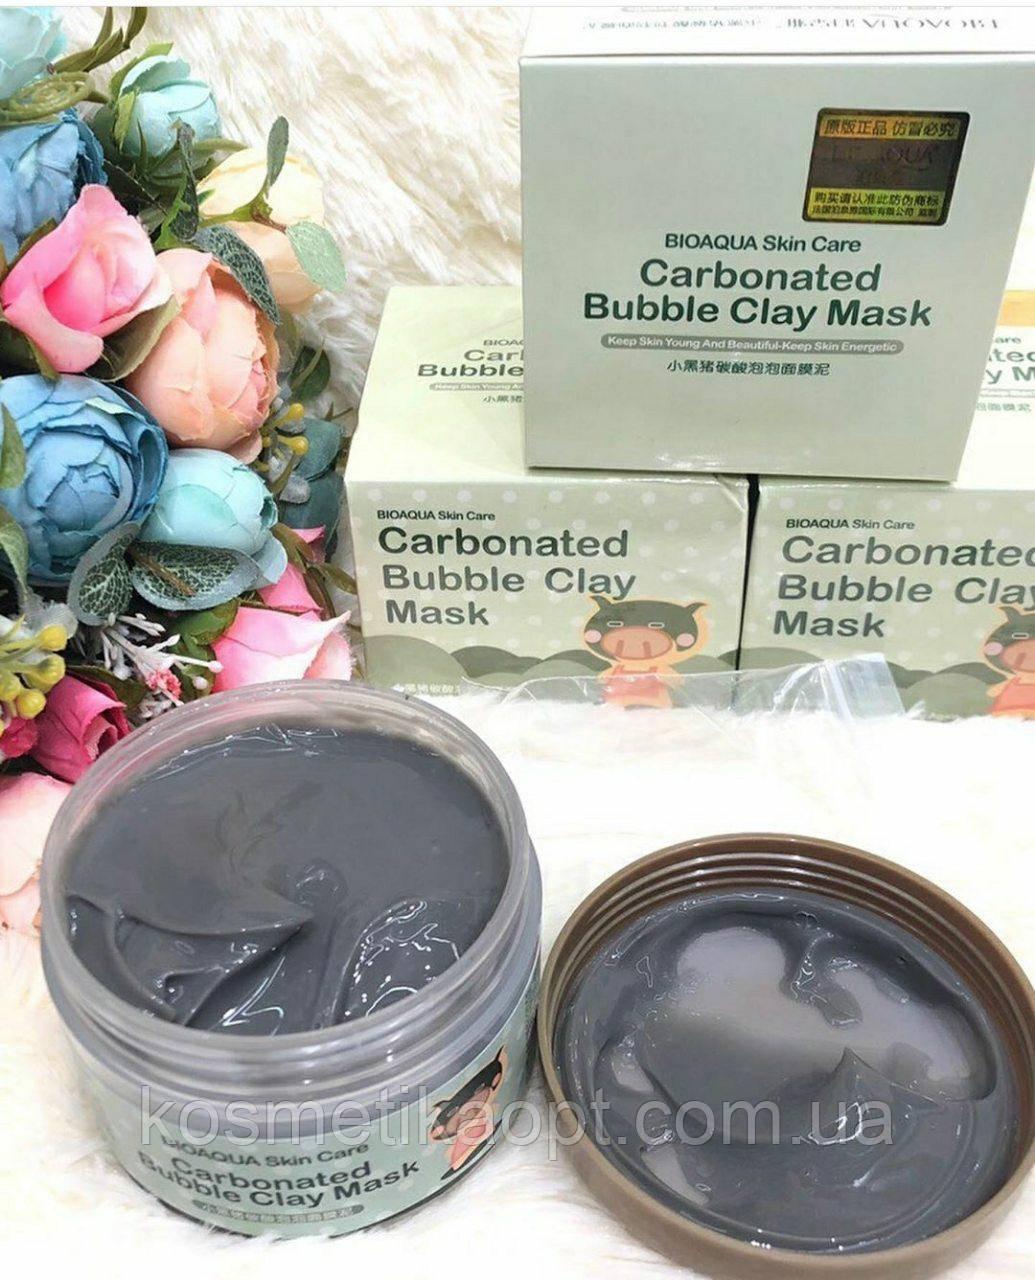 Кислородная, пузырьковая  маска Bioaqua Carbonated Bubble Clay Mask , пенная маска